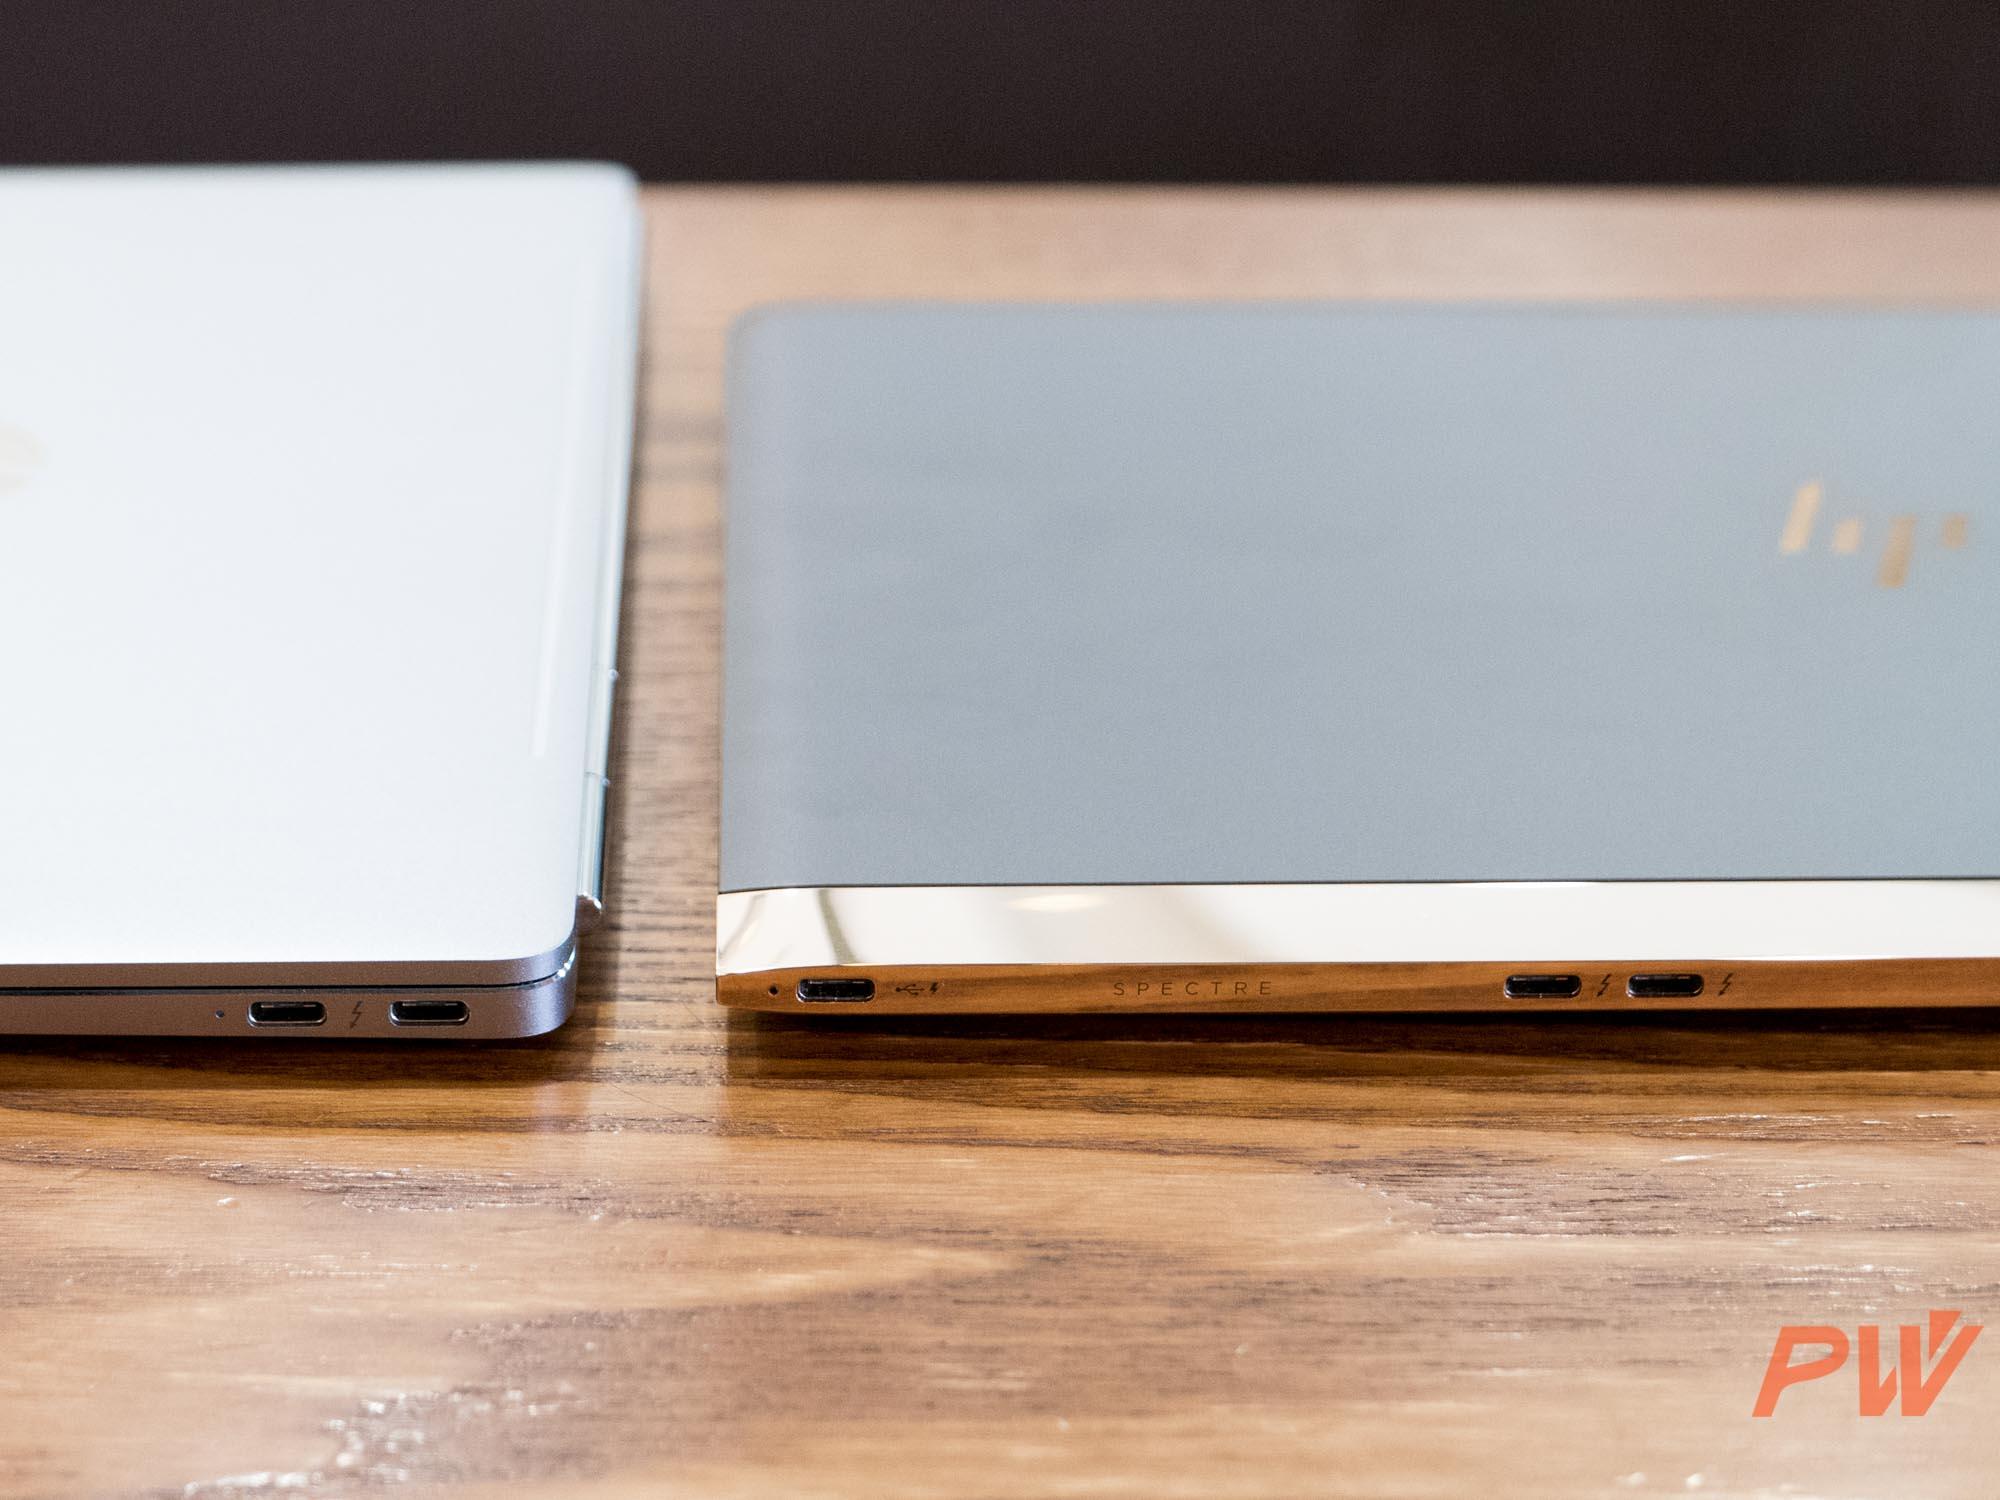 惠普说它的两款新品能干掉 MacBook 和 MacBook Air,我们替你鉴别了一下